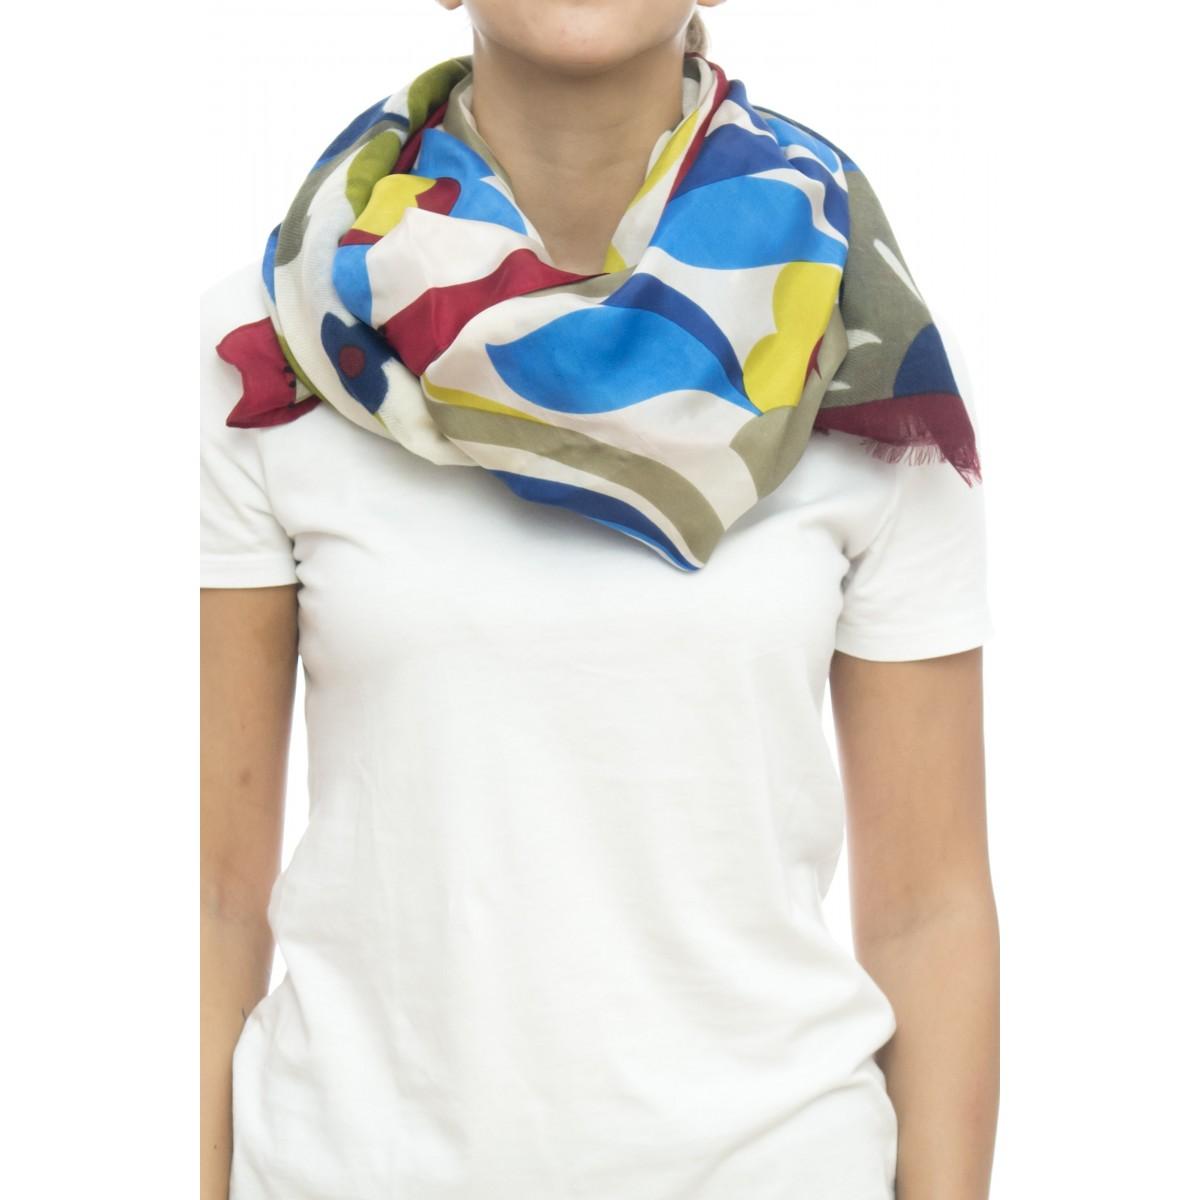 Sciarpa - Ibisco 4653   50% seta 50% lana, 100 x 200